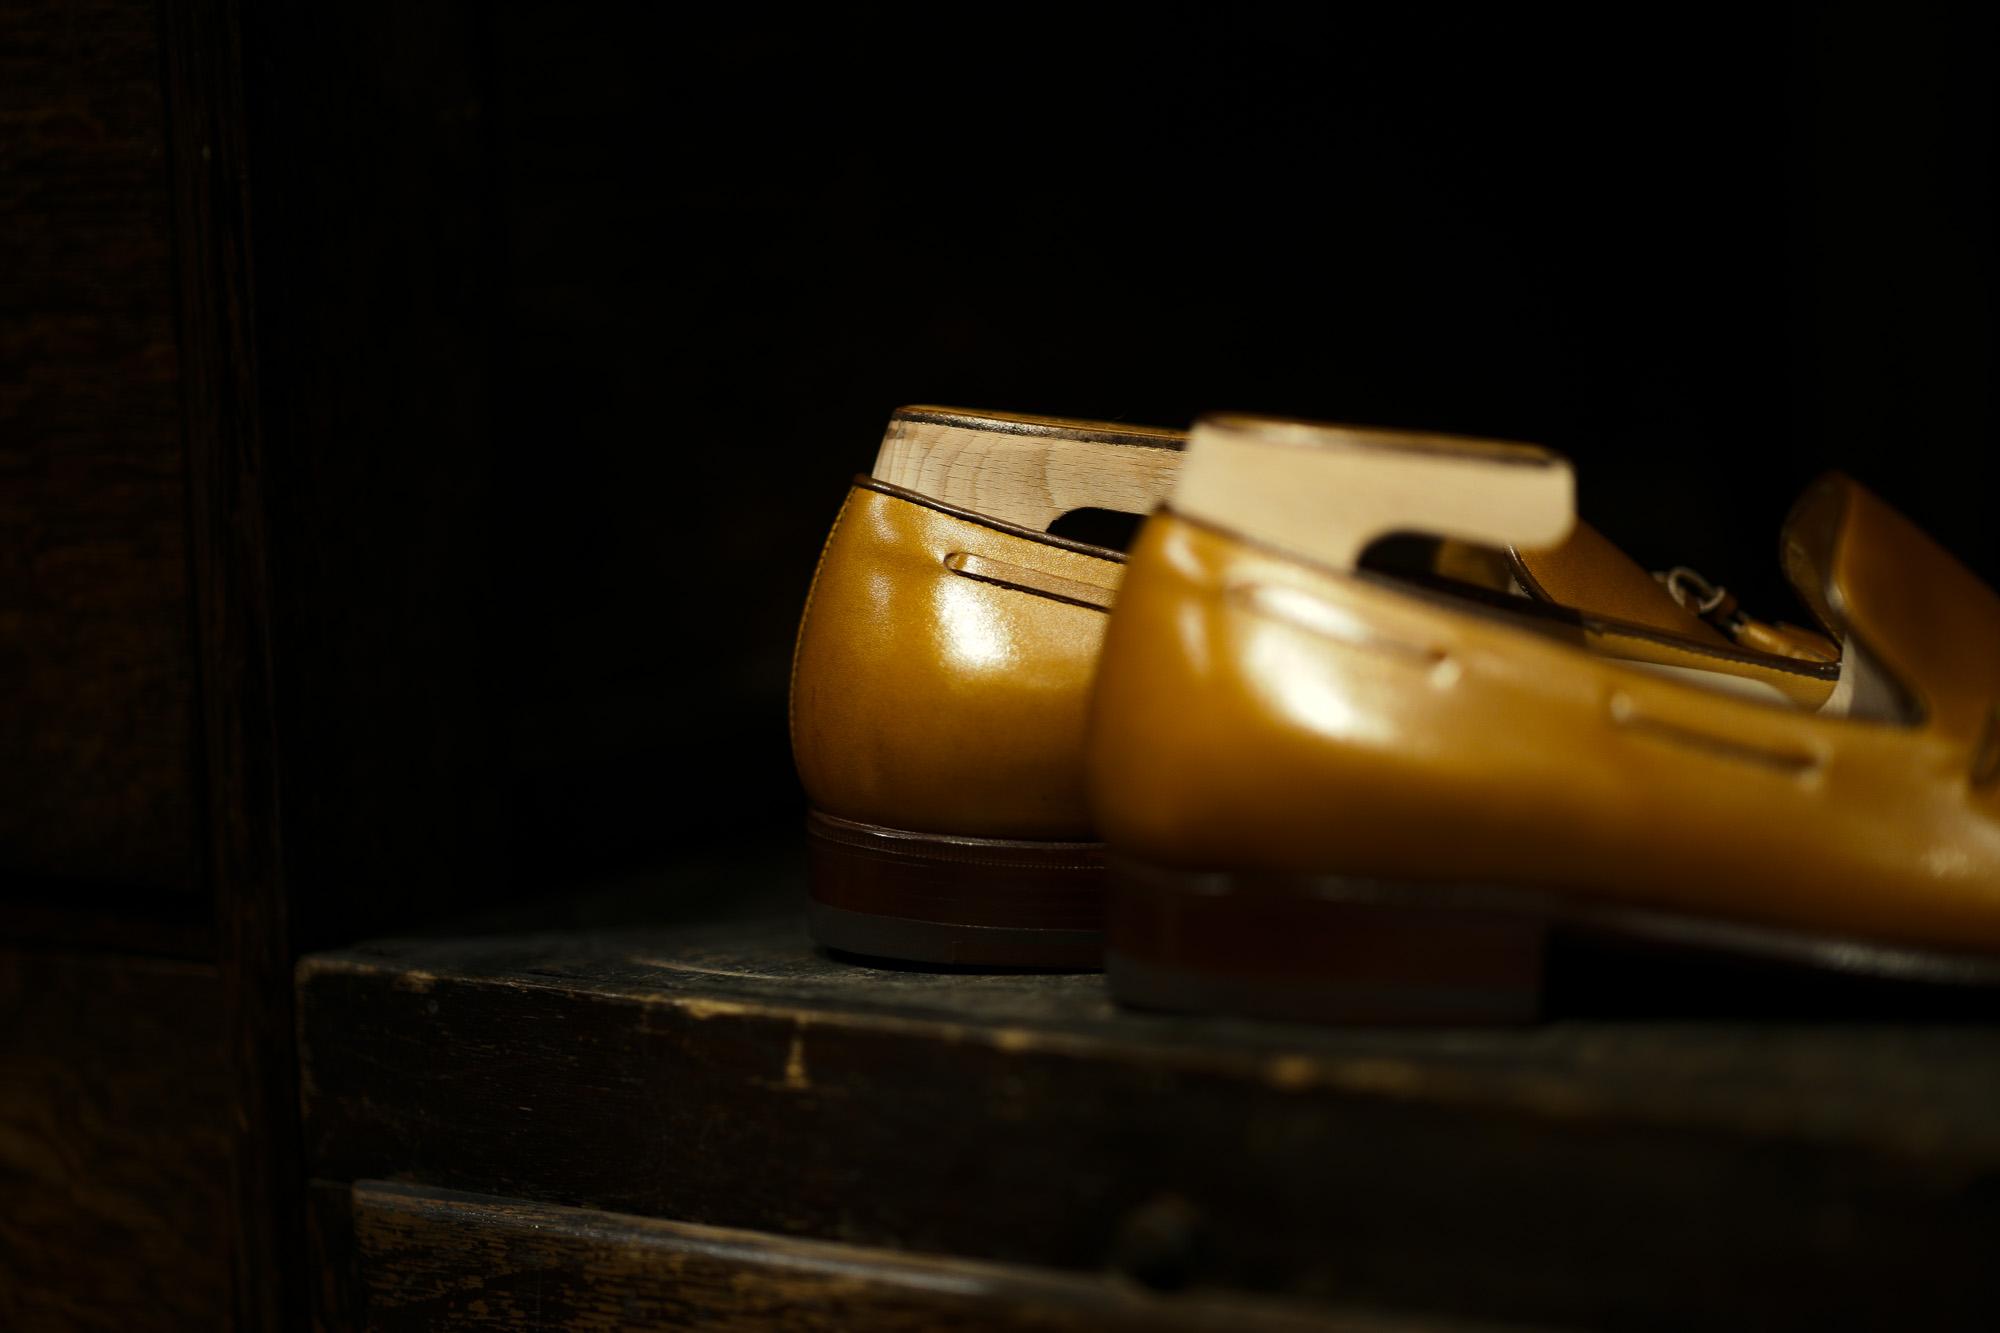 ENZO BONAFE(エンツォボナフェ) ART. EB-41 Tassel Loafer タッセルローファー Du Puy Vitello デュプイ社 ボックスカーフ ドレスシューズ ローファー ELISE(タン) made in italy (イタリア製) 2020